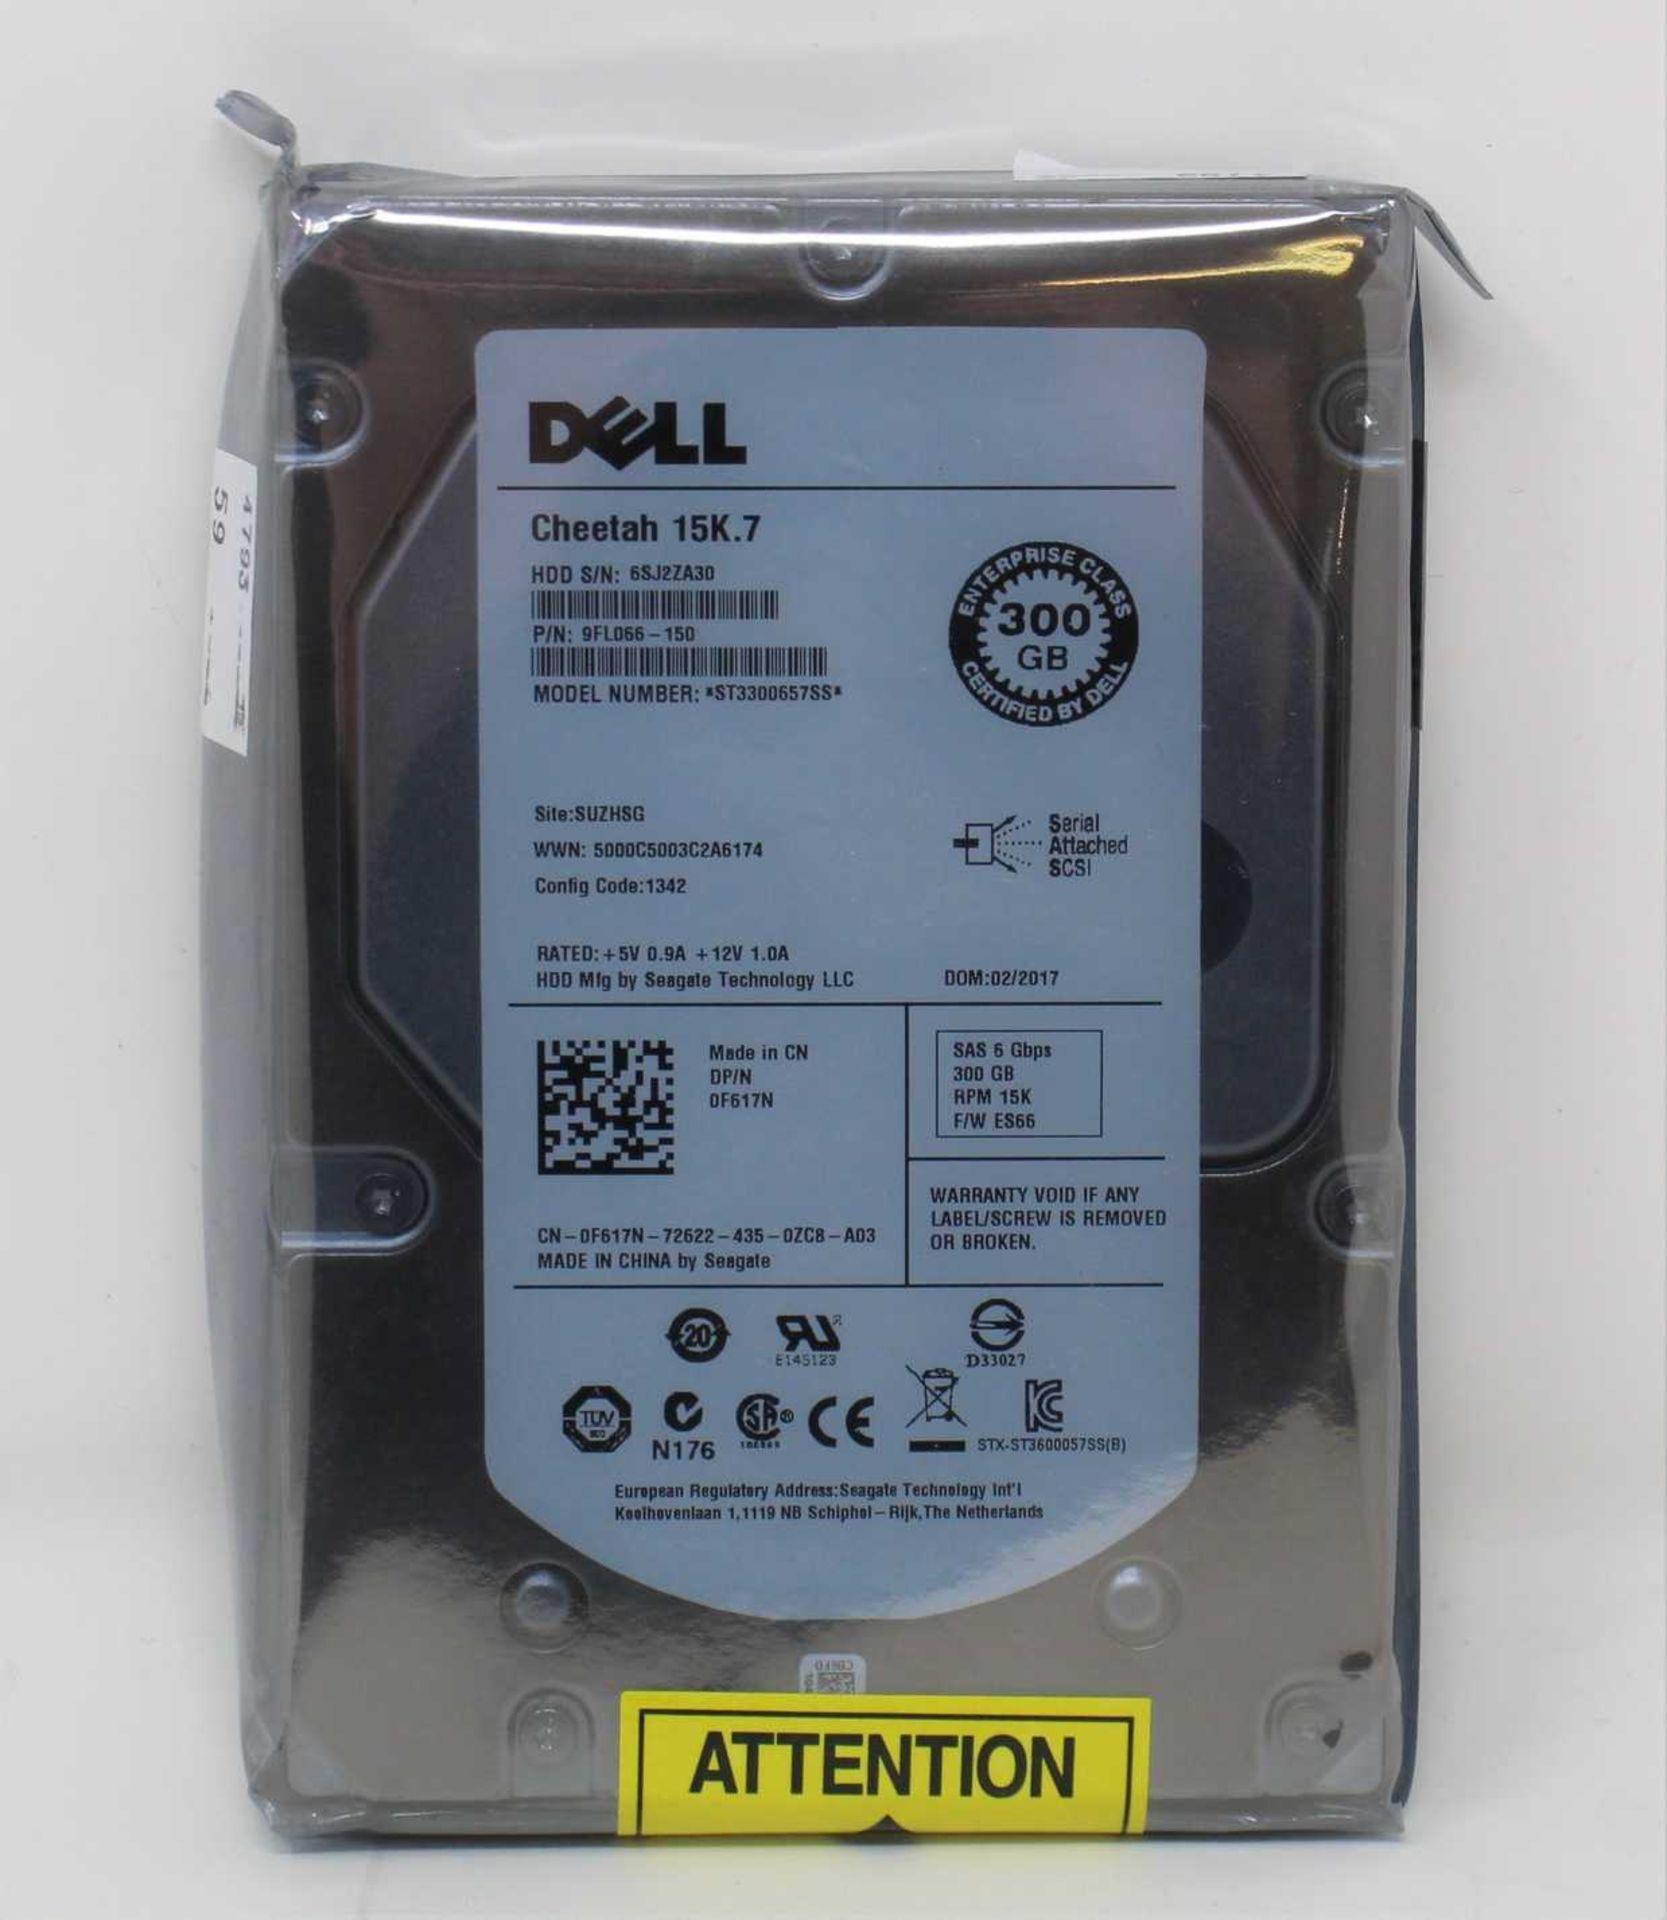 An as new Dell Enterprise Seagate Cheetah 15K.7 SAS 6bps 300GB Hard Drive (Model: ST3300657SS P/N: